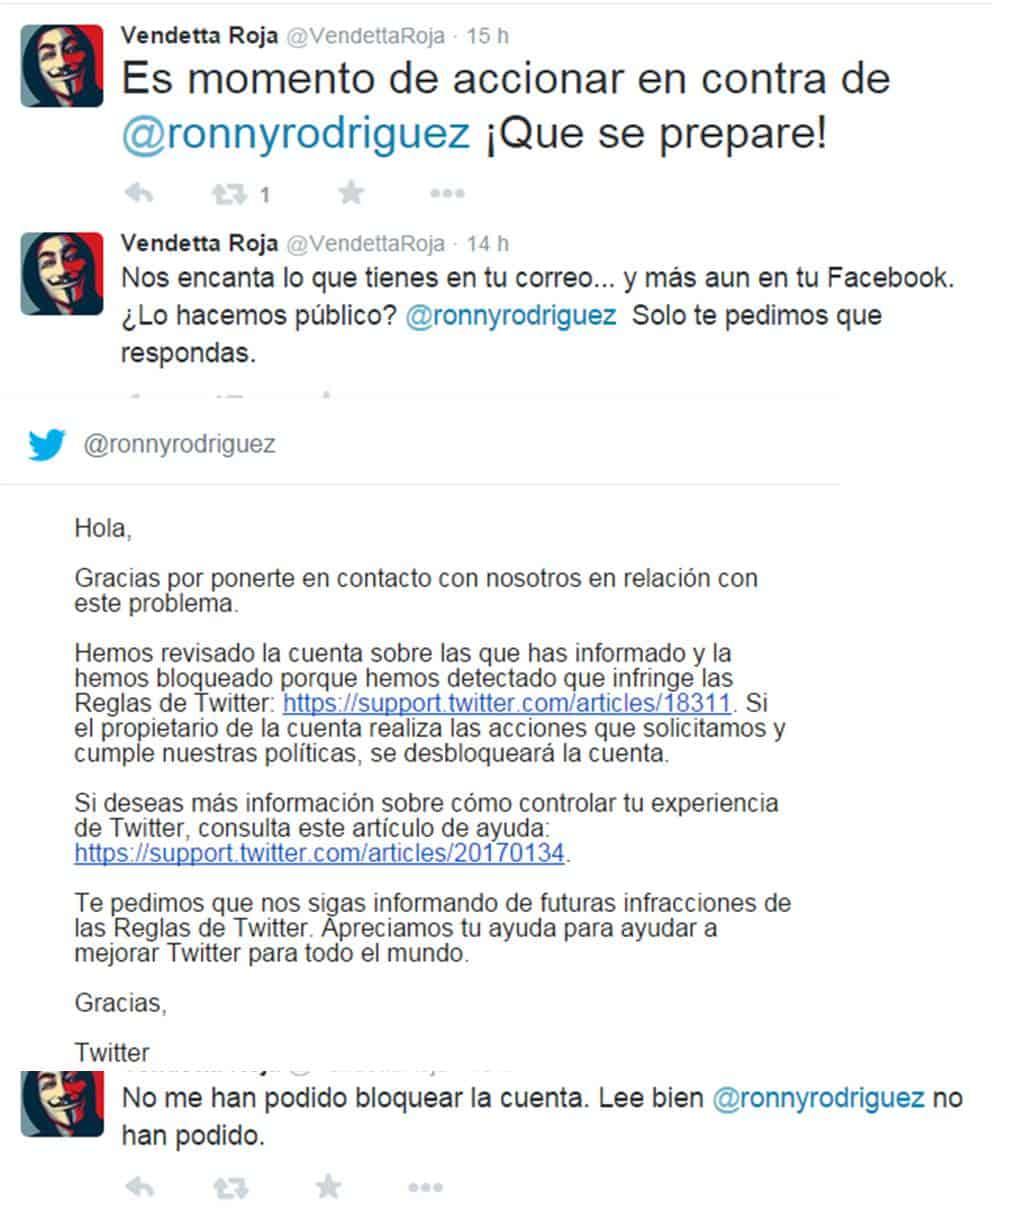 Tweets_Ronny_04.06.2015